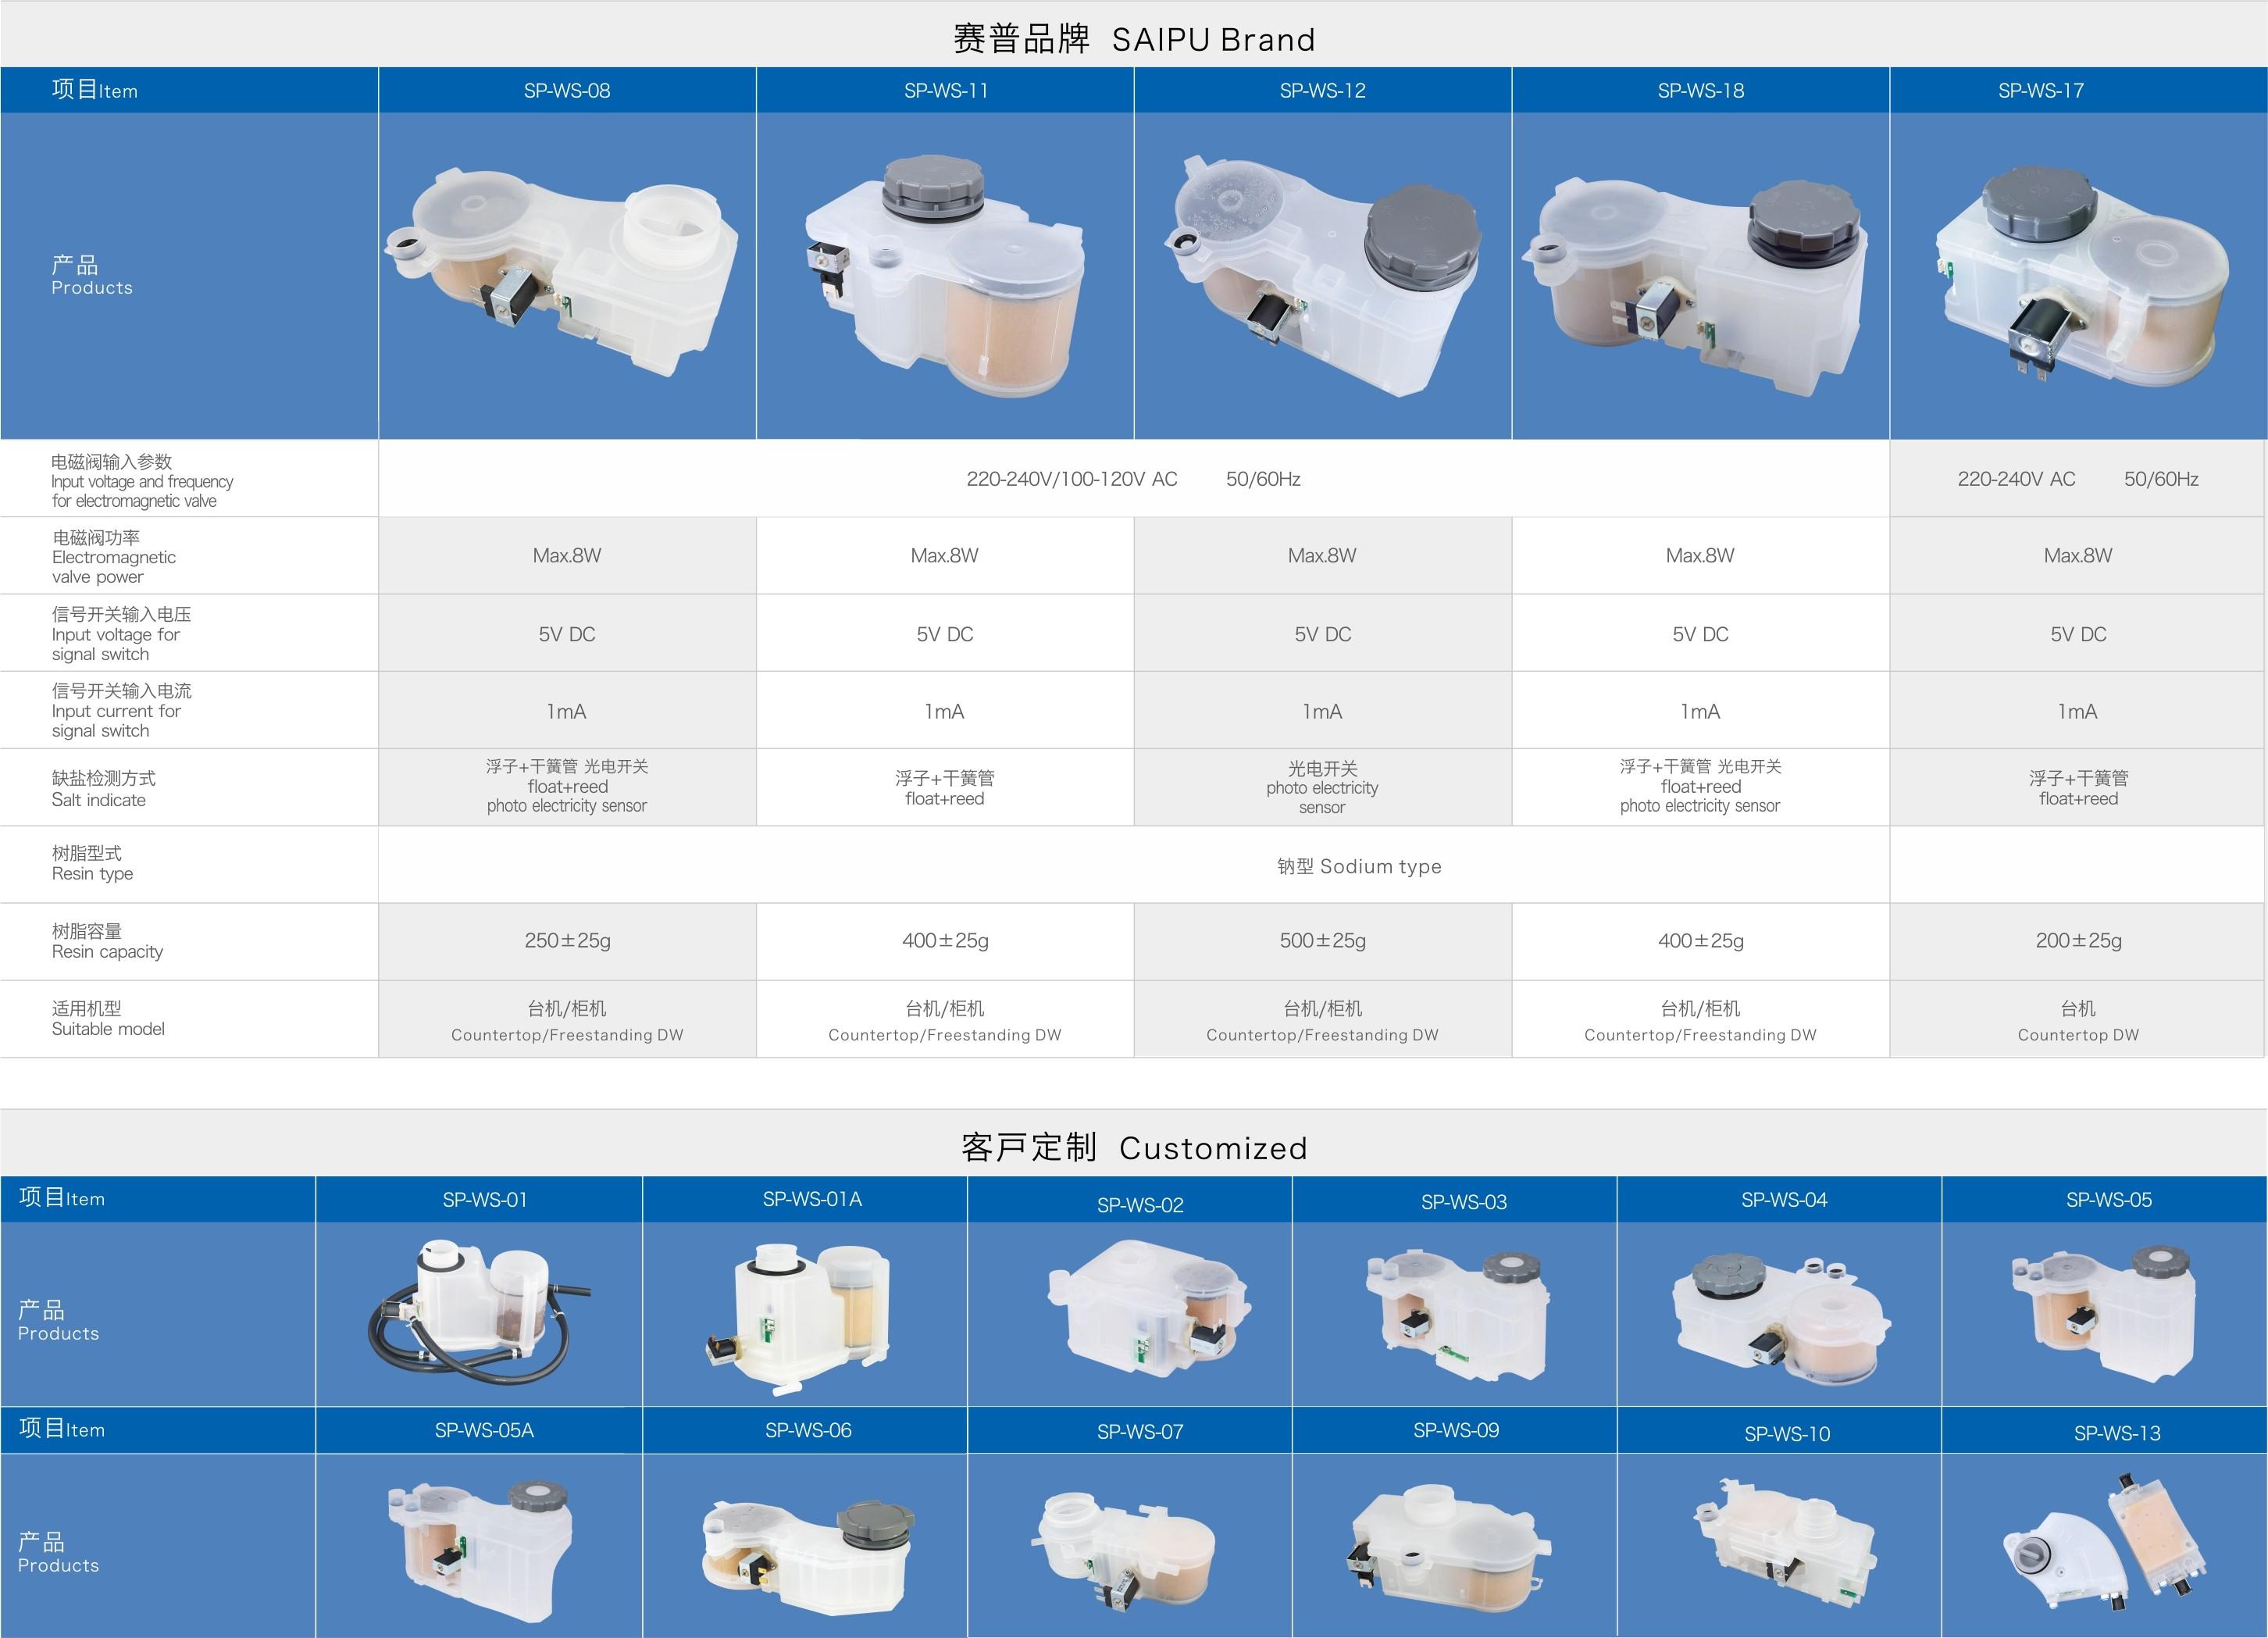 3软水器20201223.jpg